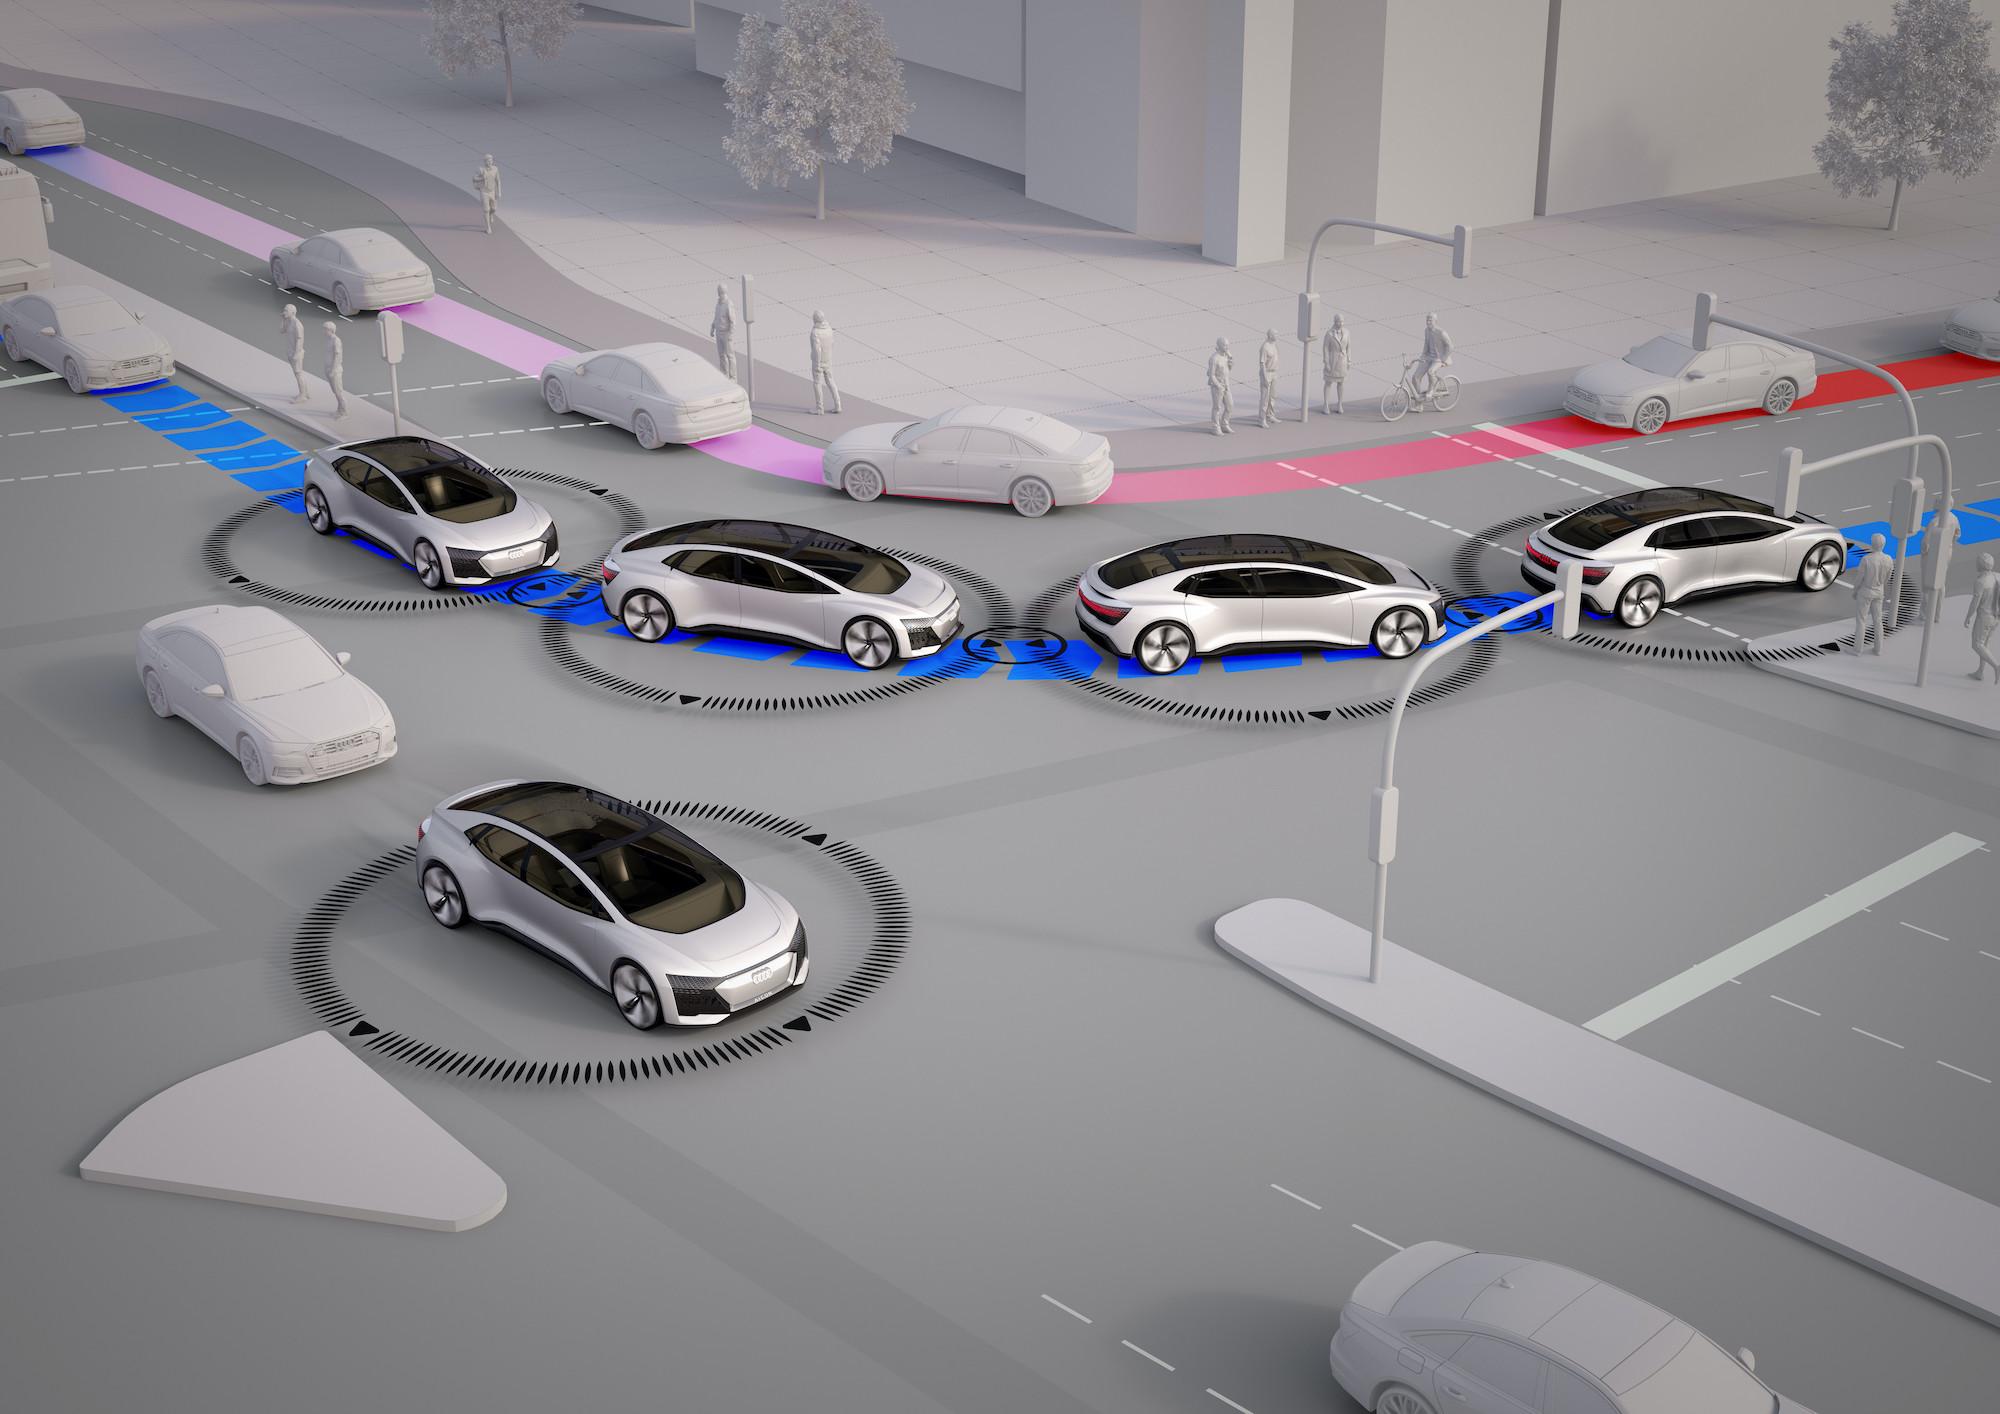 Grafika avtomobilov na cesti, kot jih vidi pametni prometni sistem